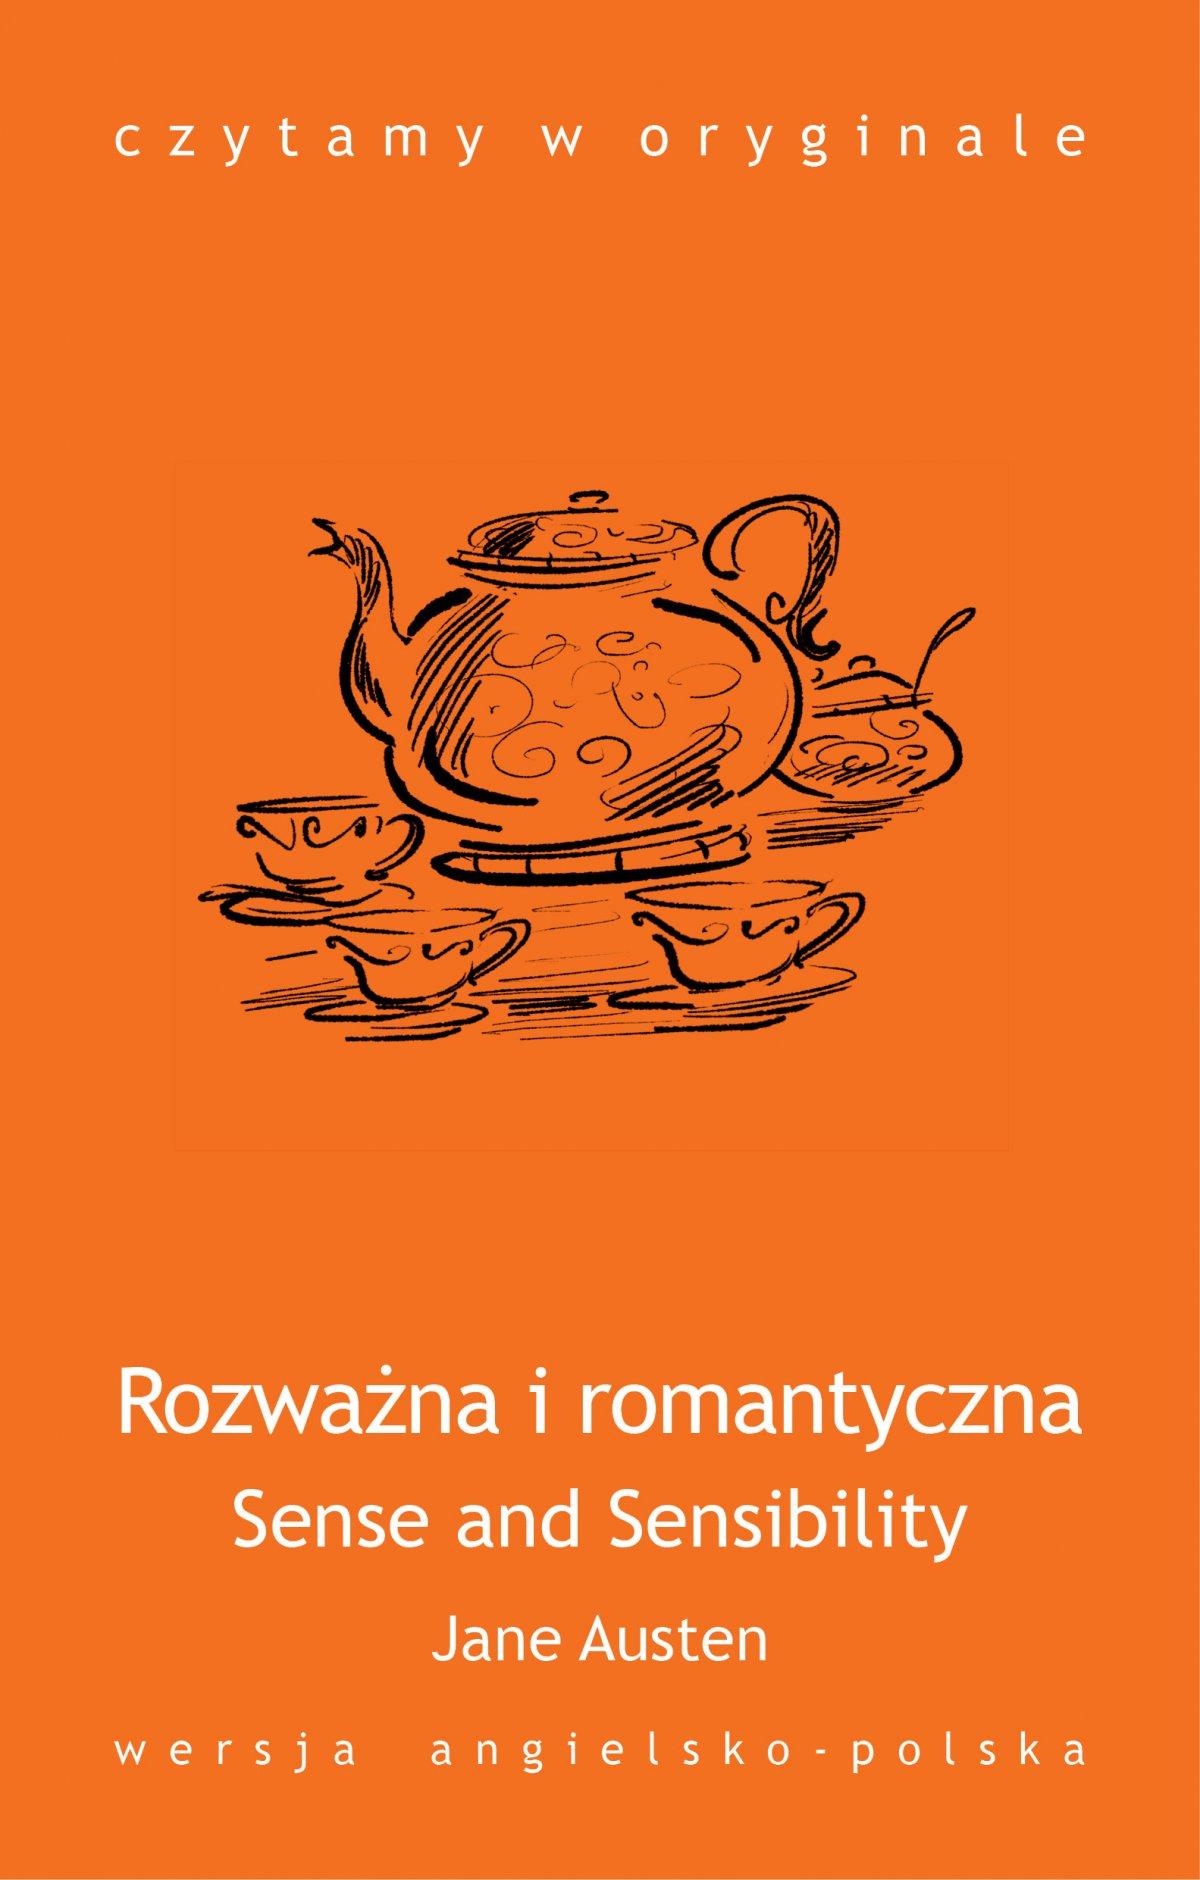 Sense and Sensibility. Rozważna i romantyczna - Ebook (Książka EPUB) do pobrania w formacie EPUB